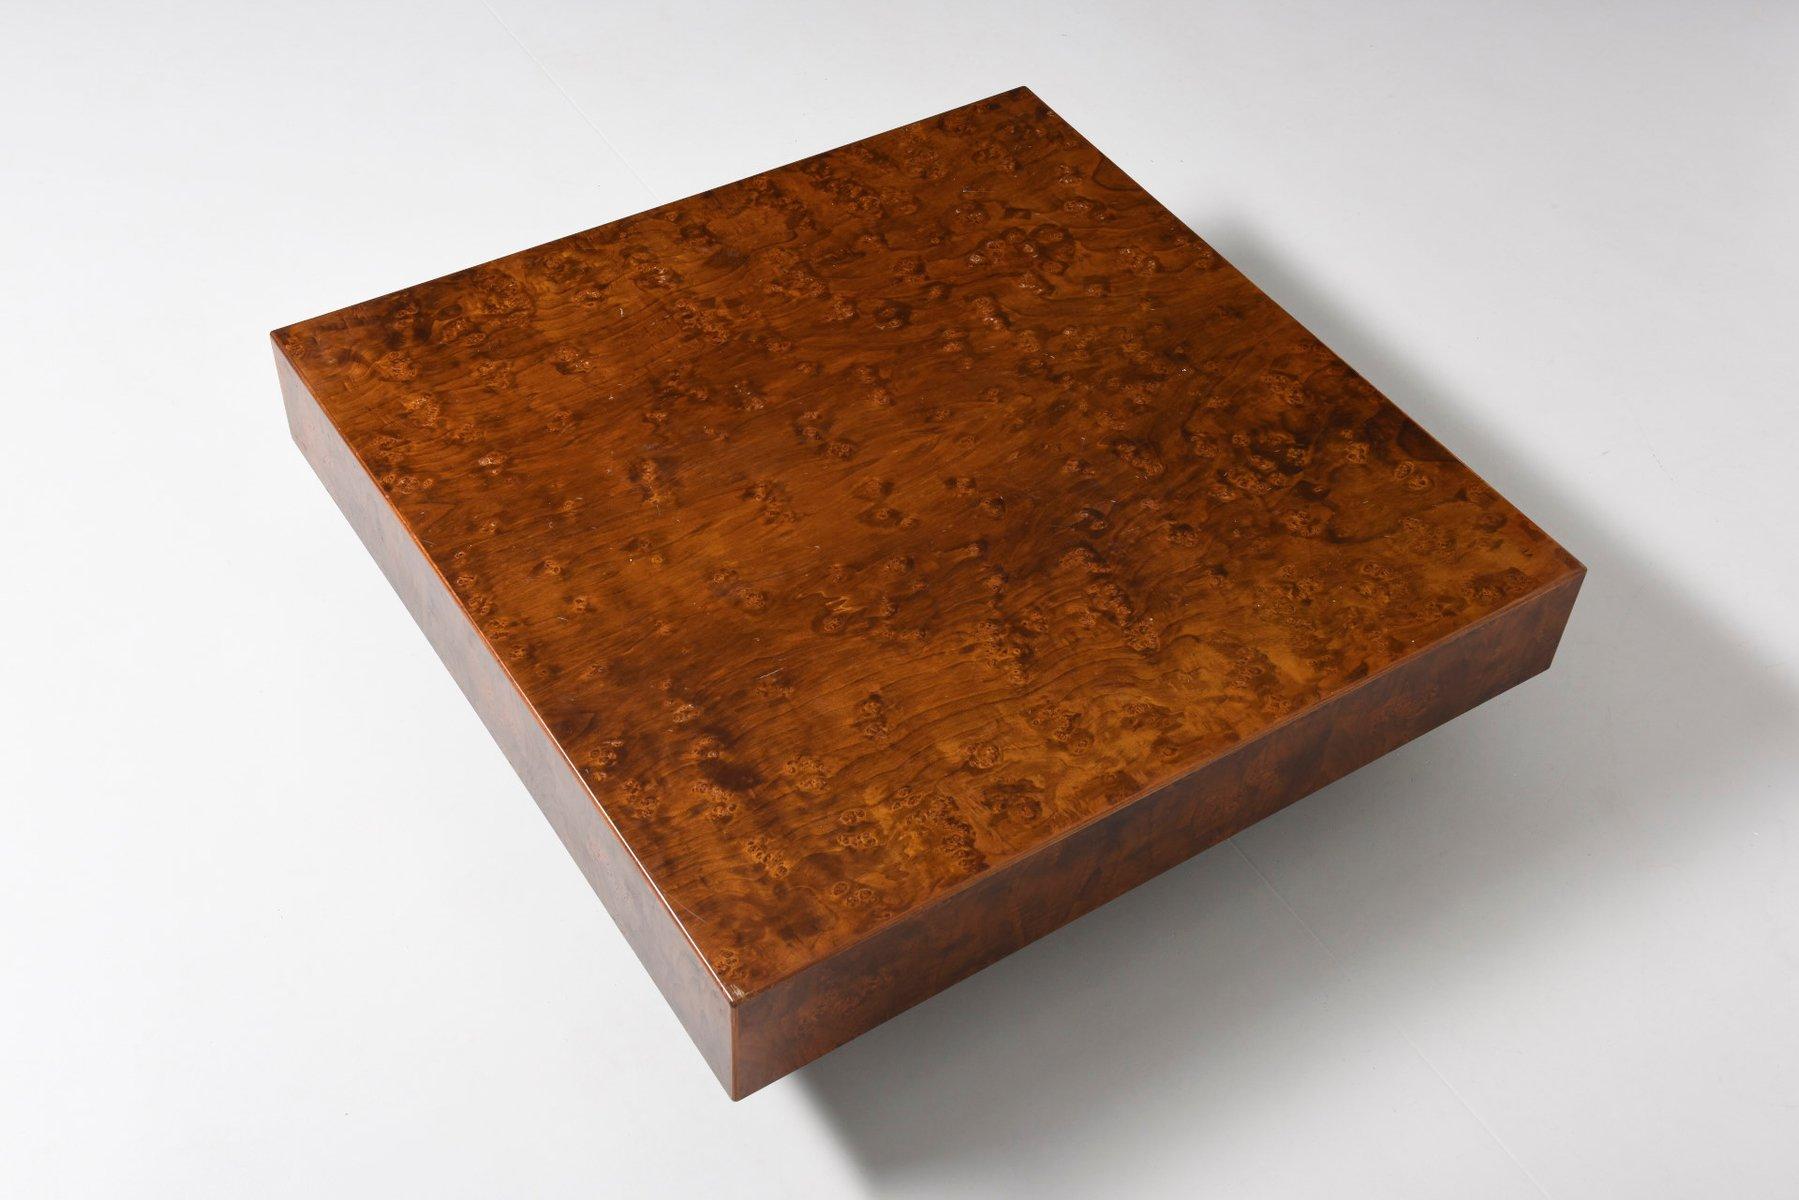 tisch aus baumstamm wurzelholz baumstamm tisch und luxus baumstamm tisch xyleia luxus baumstamm. Black Bedroom Furniture Sets. Home Design Ideas